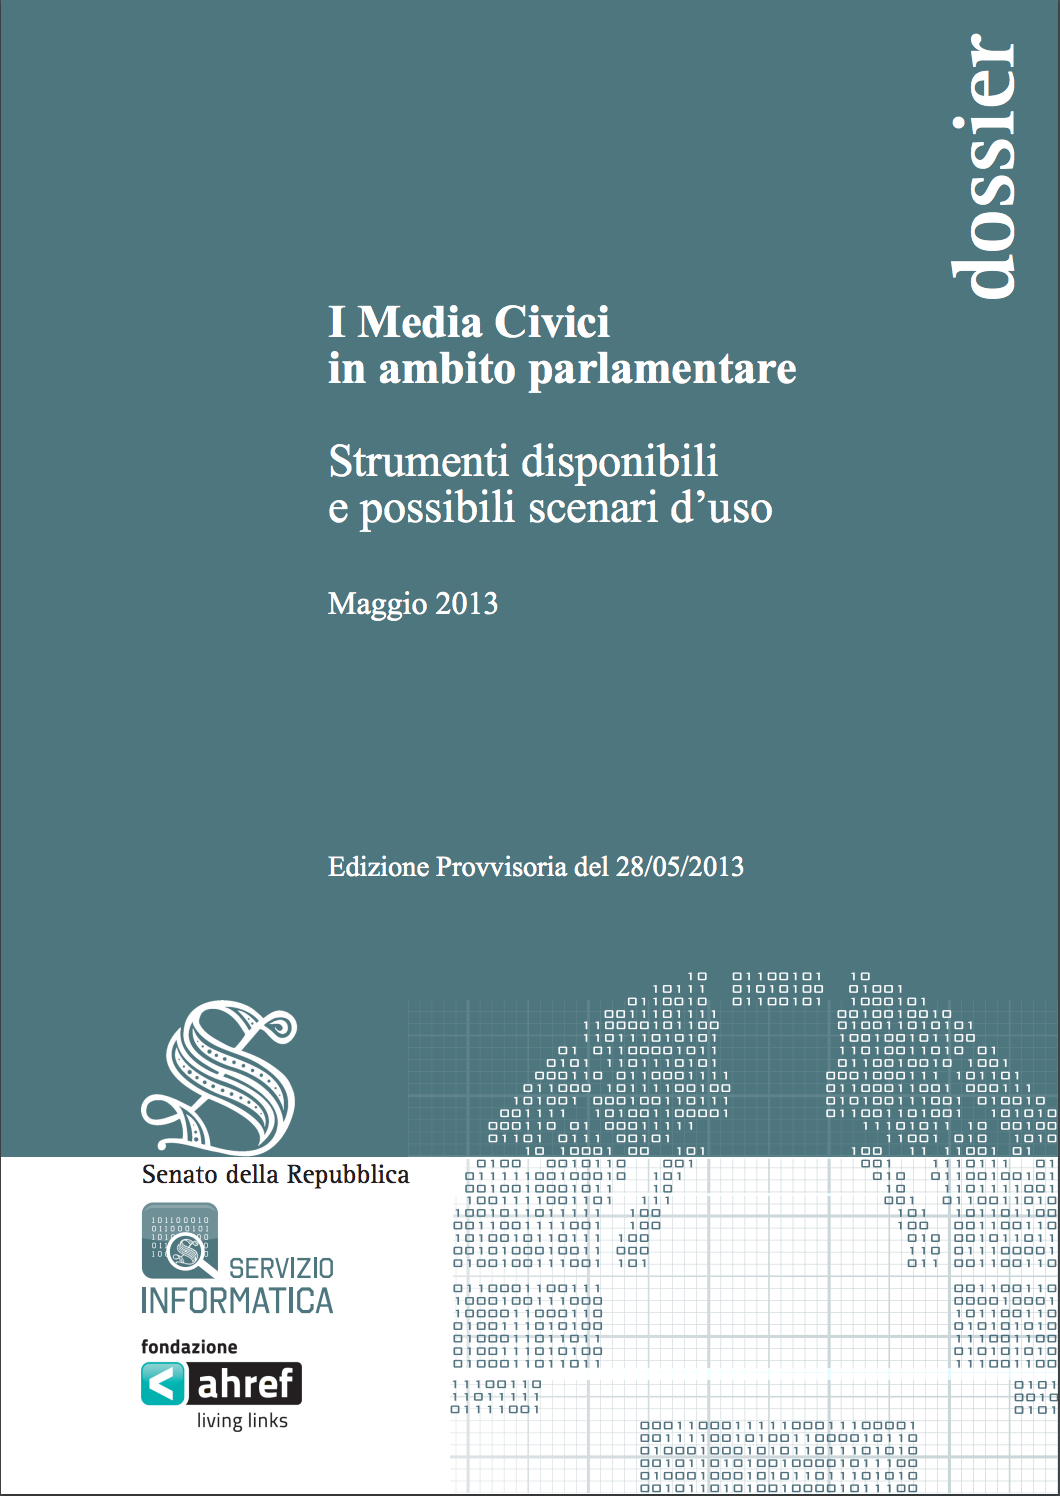 I Media Civici in Ambito Parlamentare